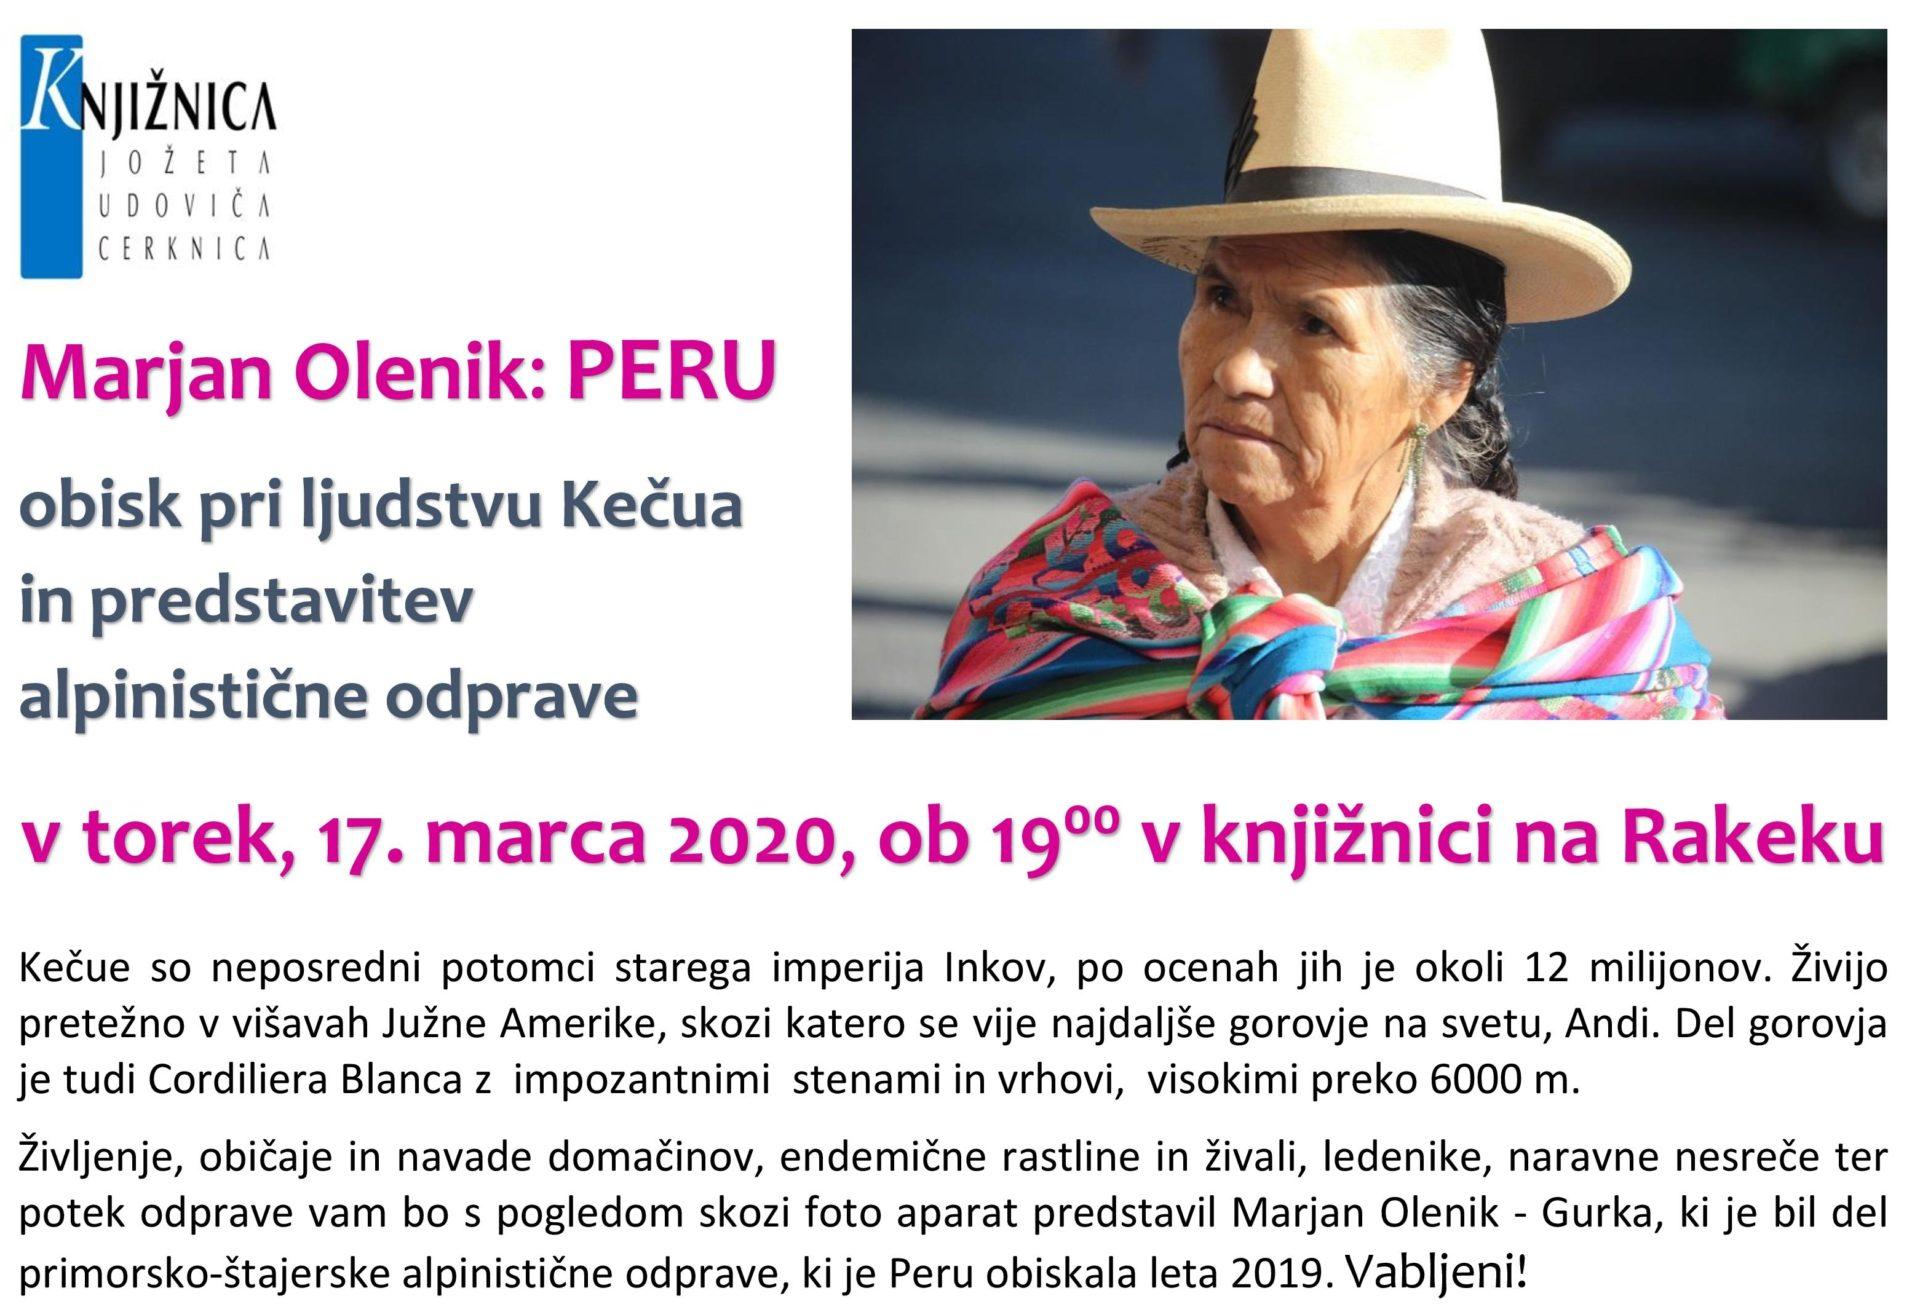 cover 1 - ODPOVEDANO – Marjan Olenik - Peru: obisk pri ljudstvu Kečua in predstavitev alpinistične odprave